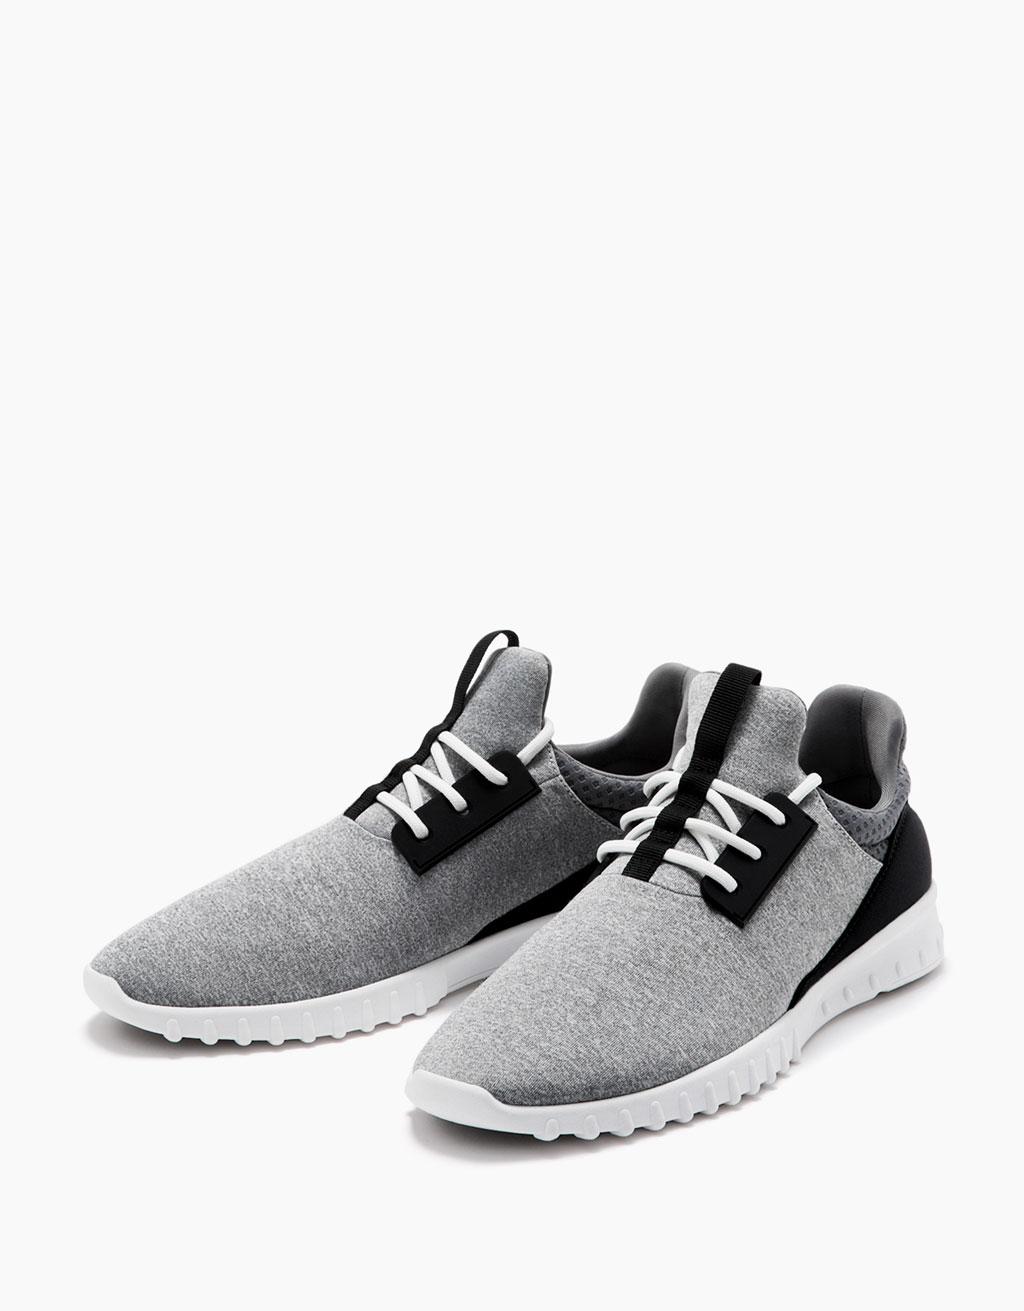 Men's technical sports shoes